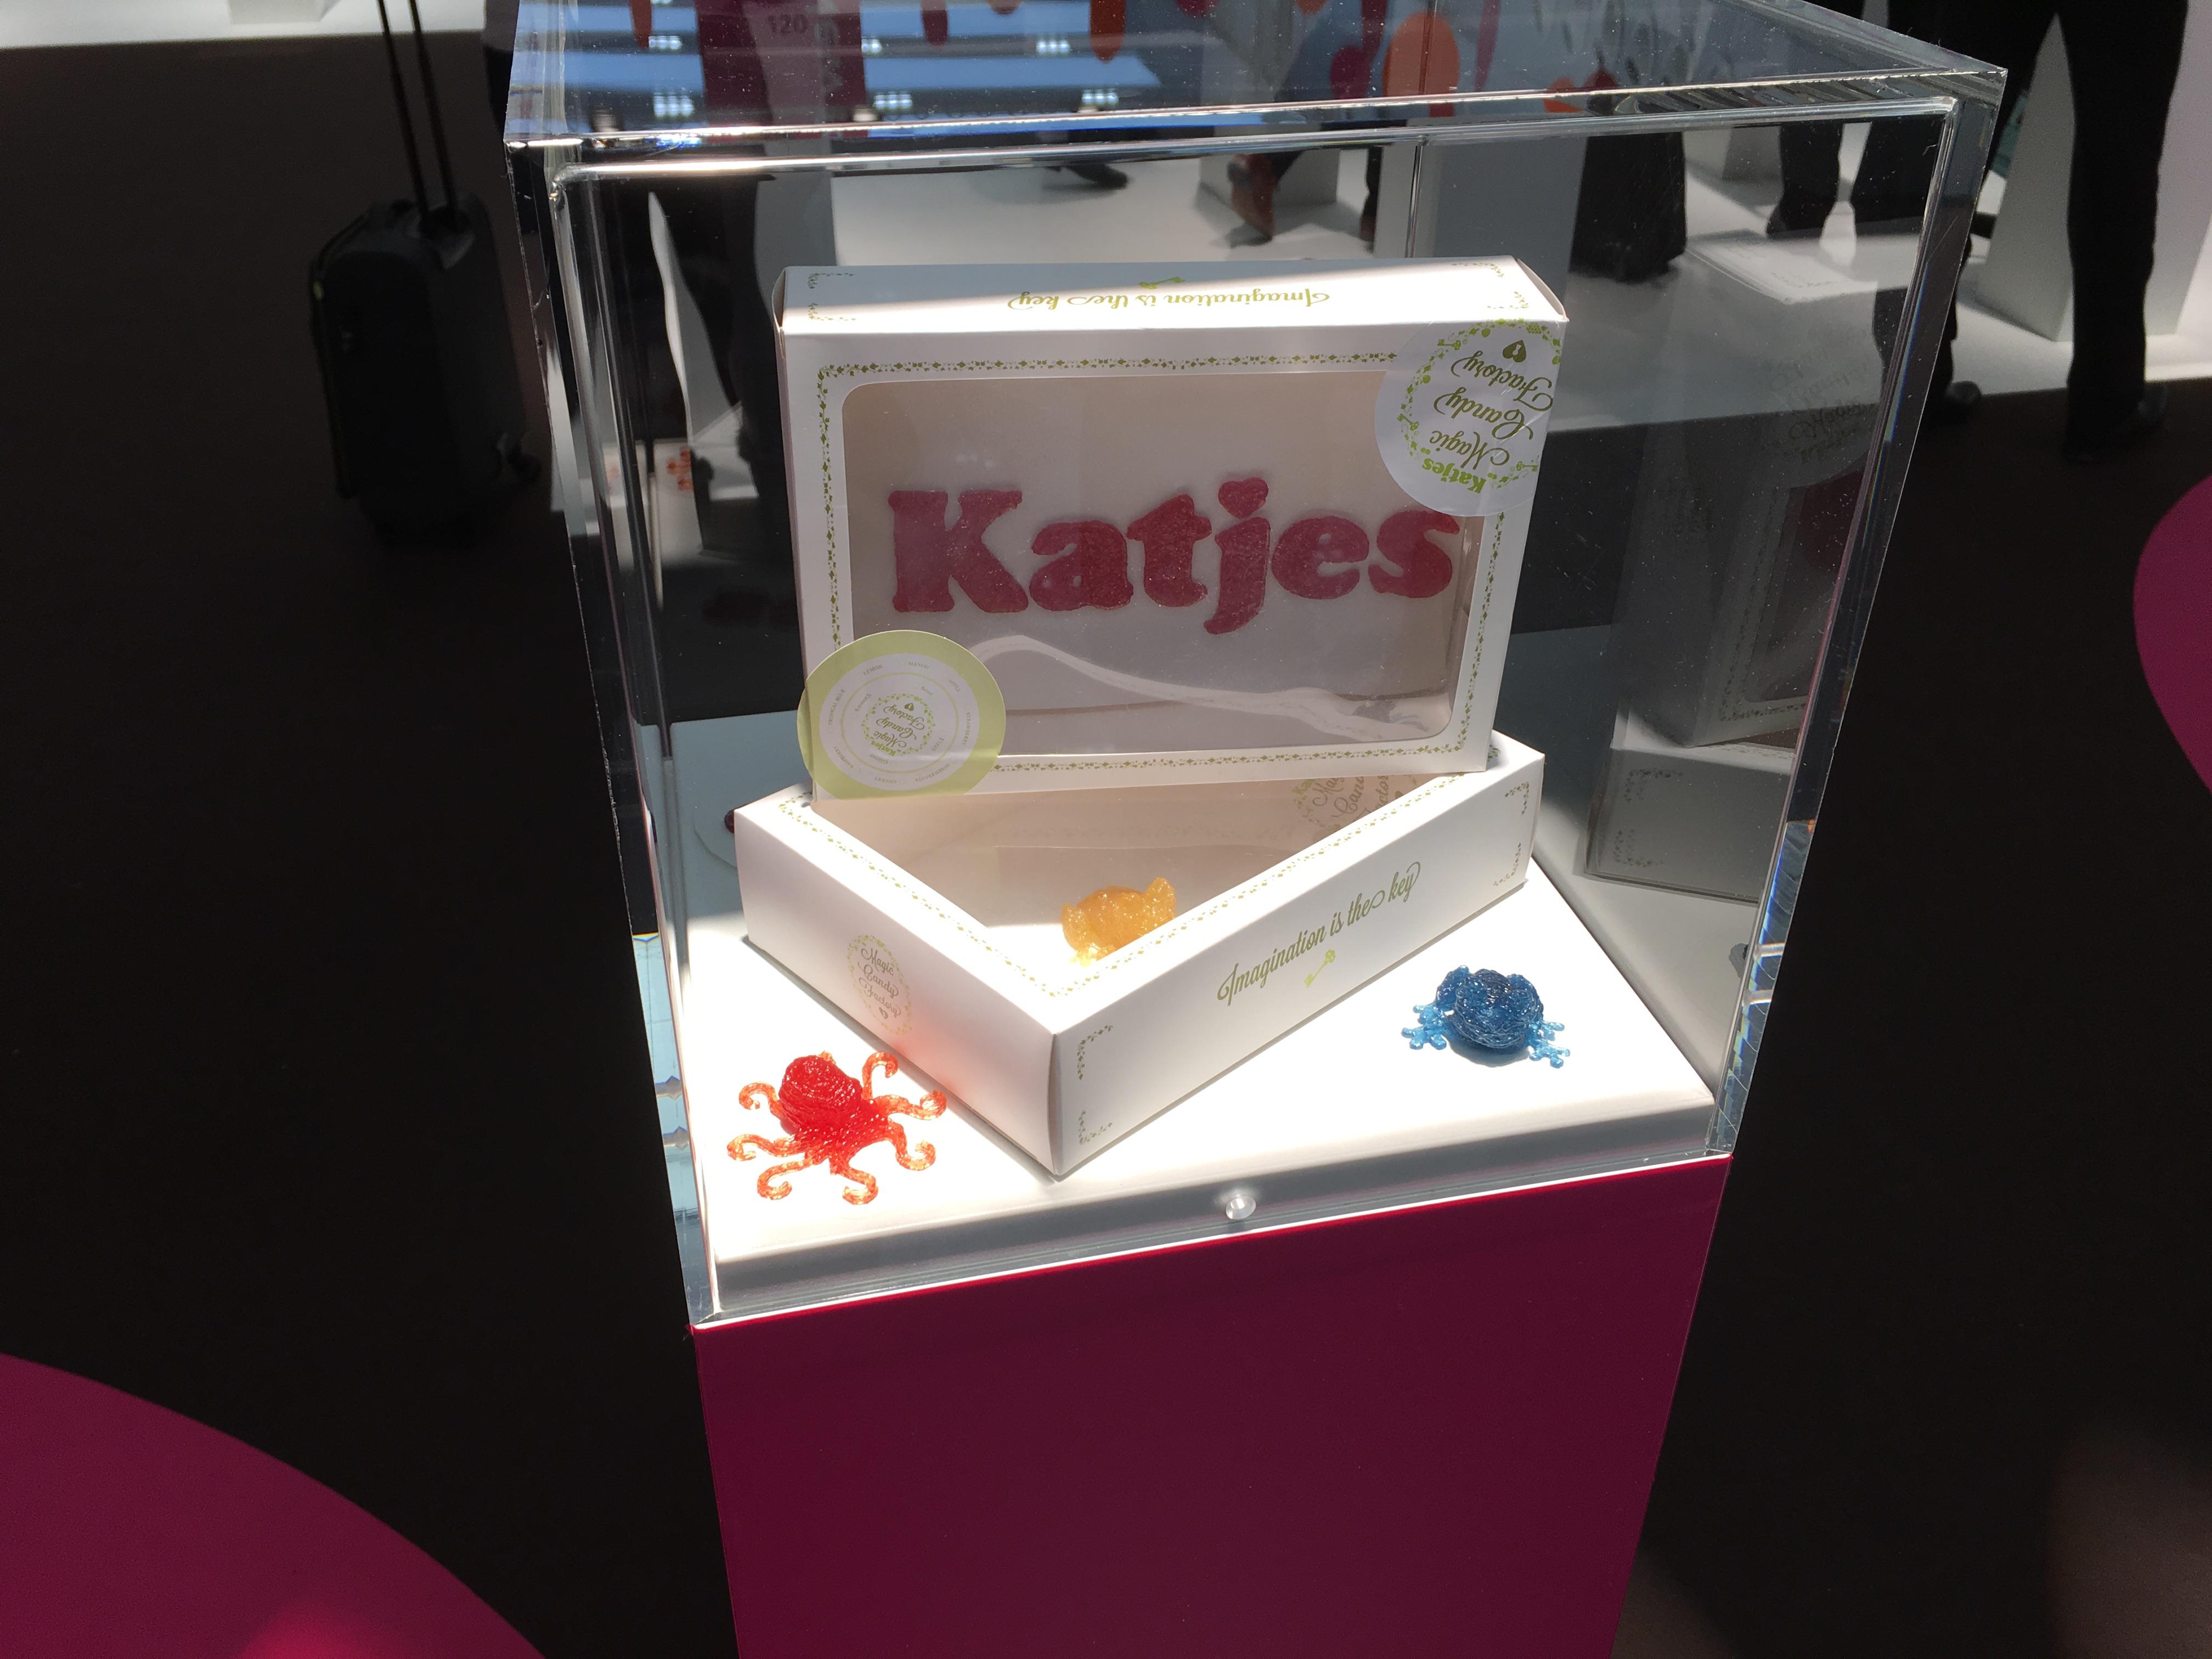 ТОТ ТОРТ: Мелиса Сновер печатает конфеты на 3D принтере. Настоящие